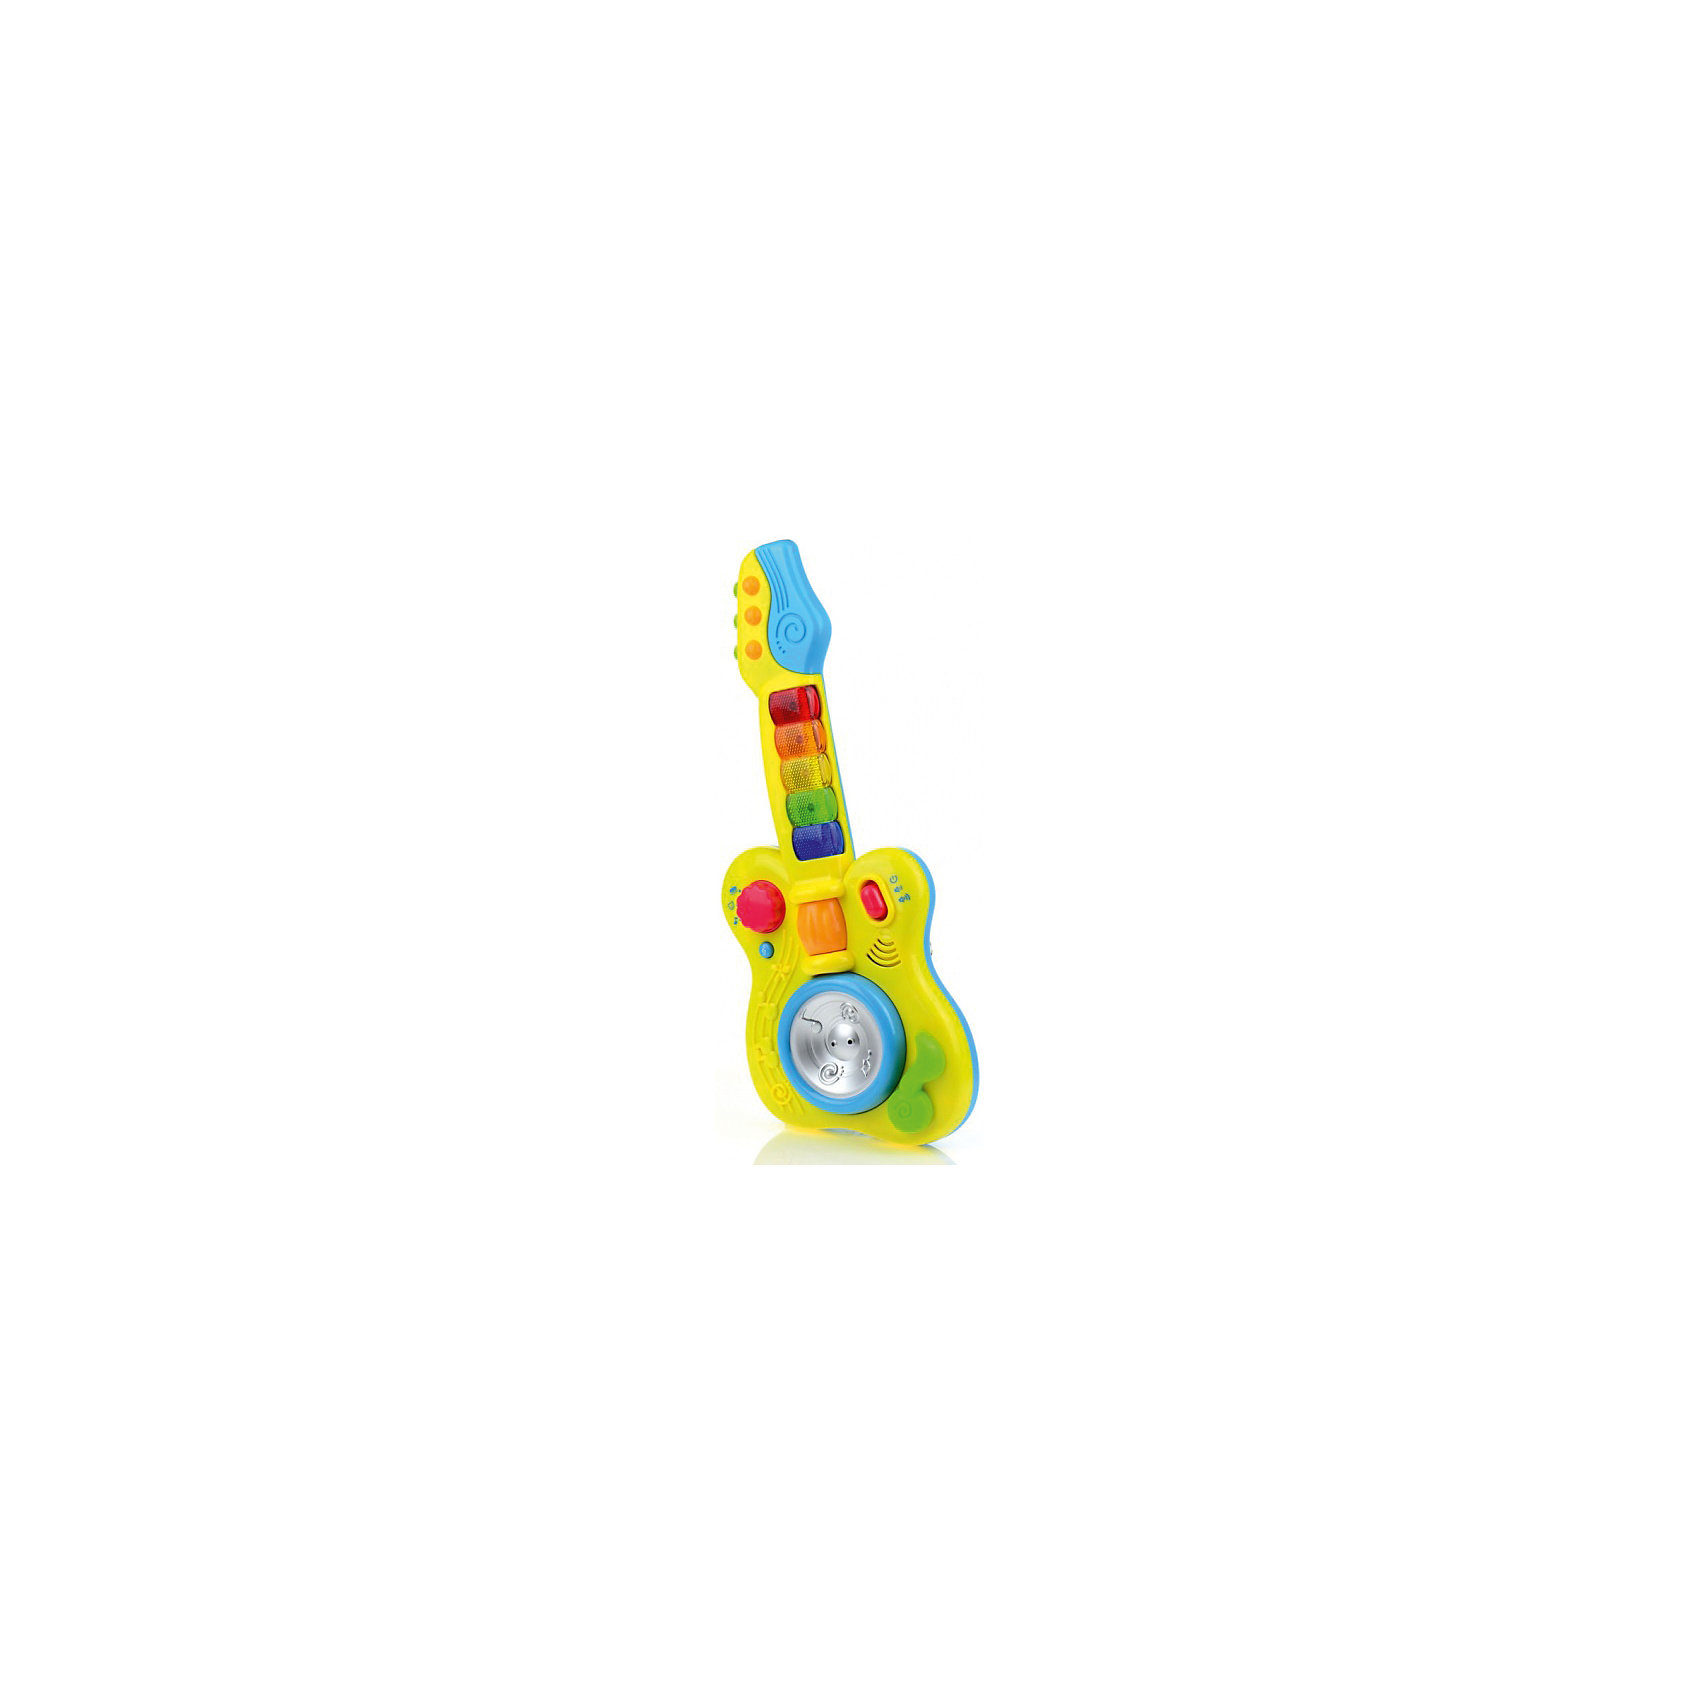 Развивающая игрушка Гитара, со светом и звуком, МалышарикиРазвивающая игрушка Гитара поможет малышу ближе познакомиться с миром звуков. Развивает мелкую моторику и слуховое восприятие, а так же логическое мышление. Игрушка выполнена в ярком дизайне и из безопасных материалов<br><br>Ширина мм: 400<br>Глубина мм: 165<br>Высота мм: 60<br>Вес г: 544<br>Возраст от месяцев: 12<br>Возраст до месяцев: 36<br>Пол: Унисекс<br>Возраст: Детский<br>SKU: 4342853